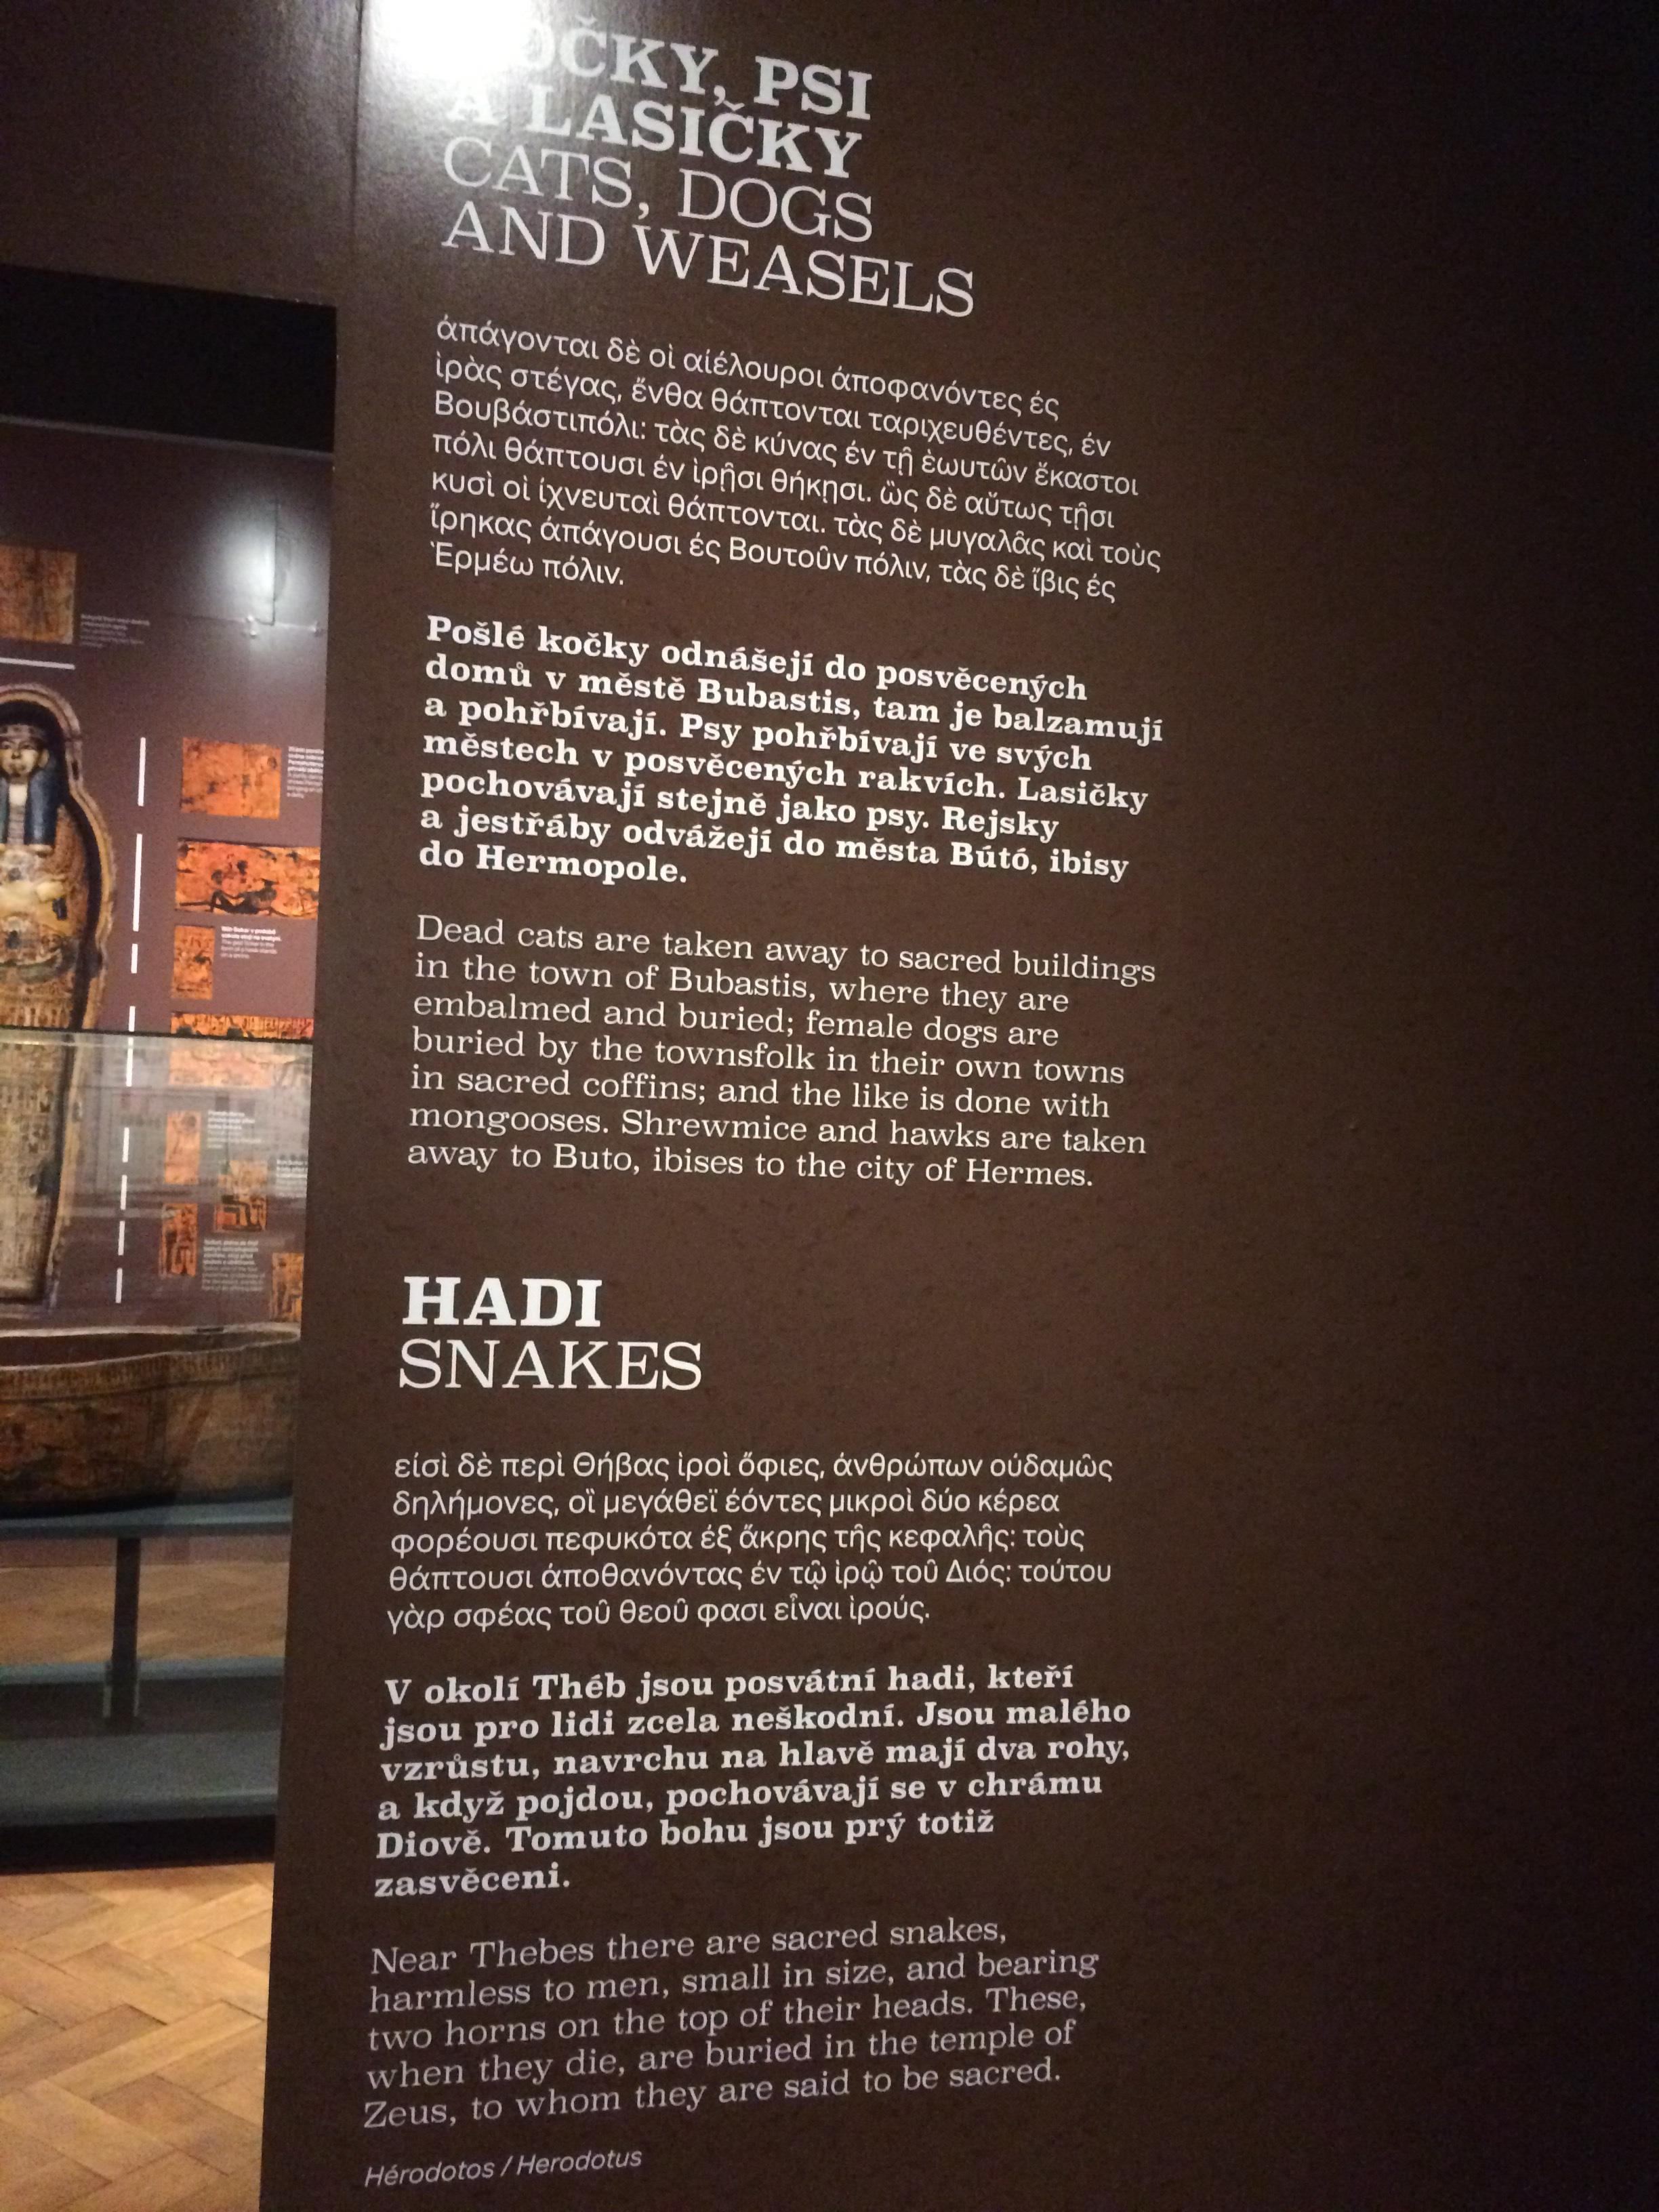 Greek, Czech and English exhibit description